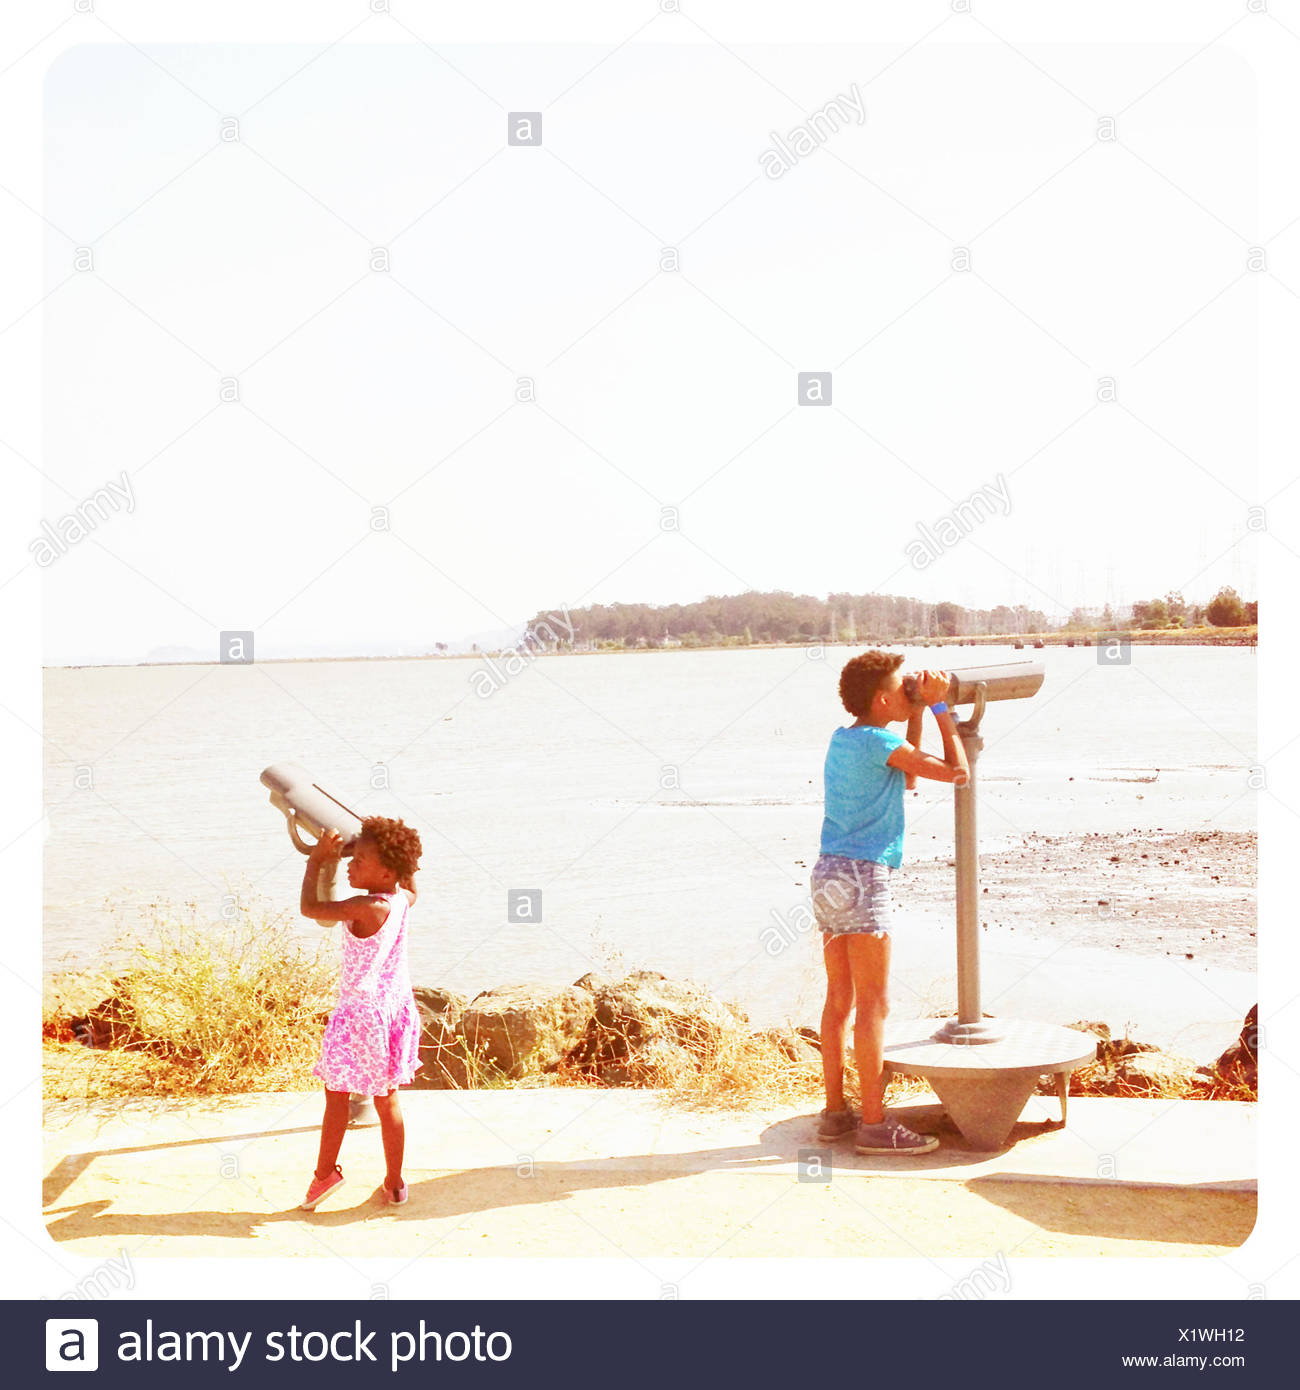 USA, California, San Francisco, Children looking through telescopes at San Francisco Bay Area - Stock Image